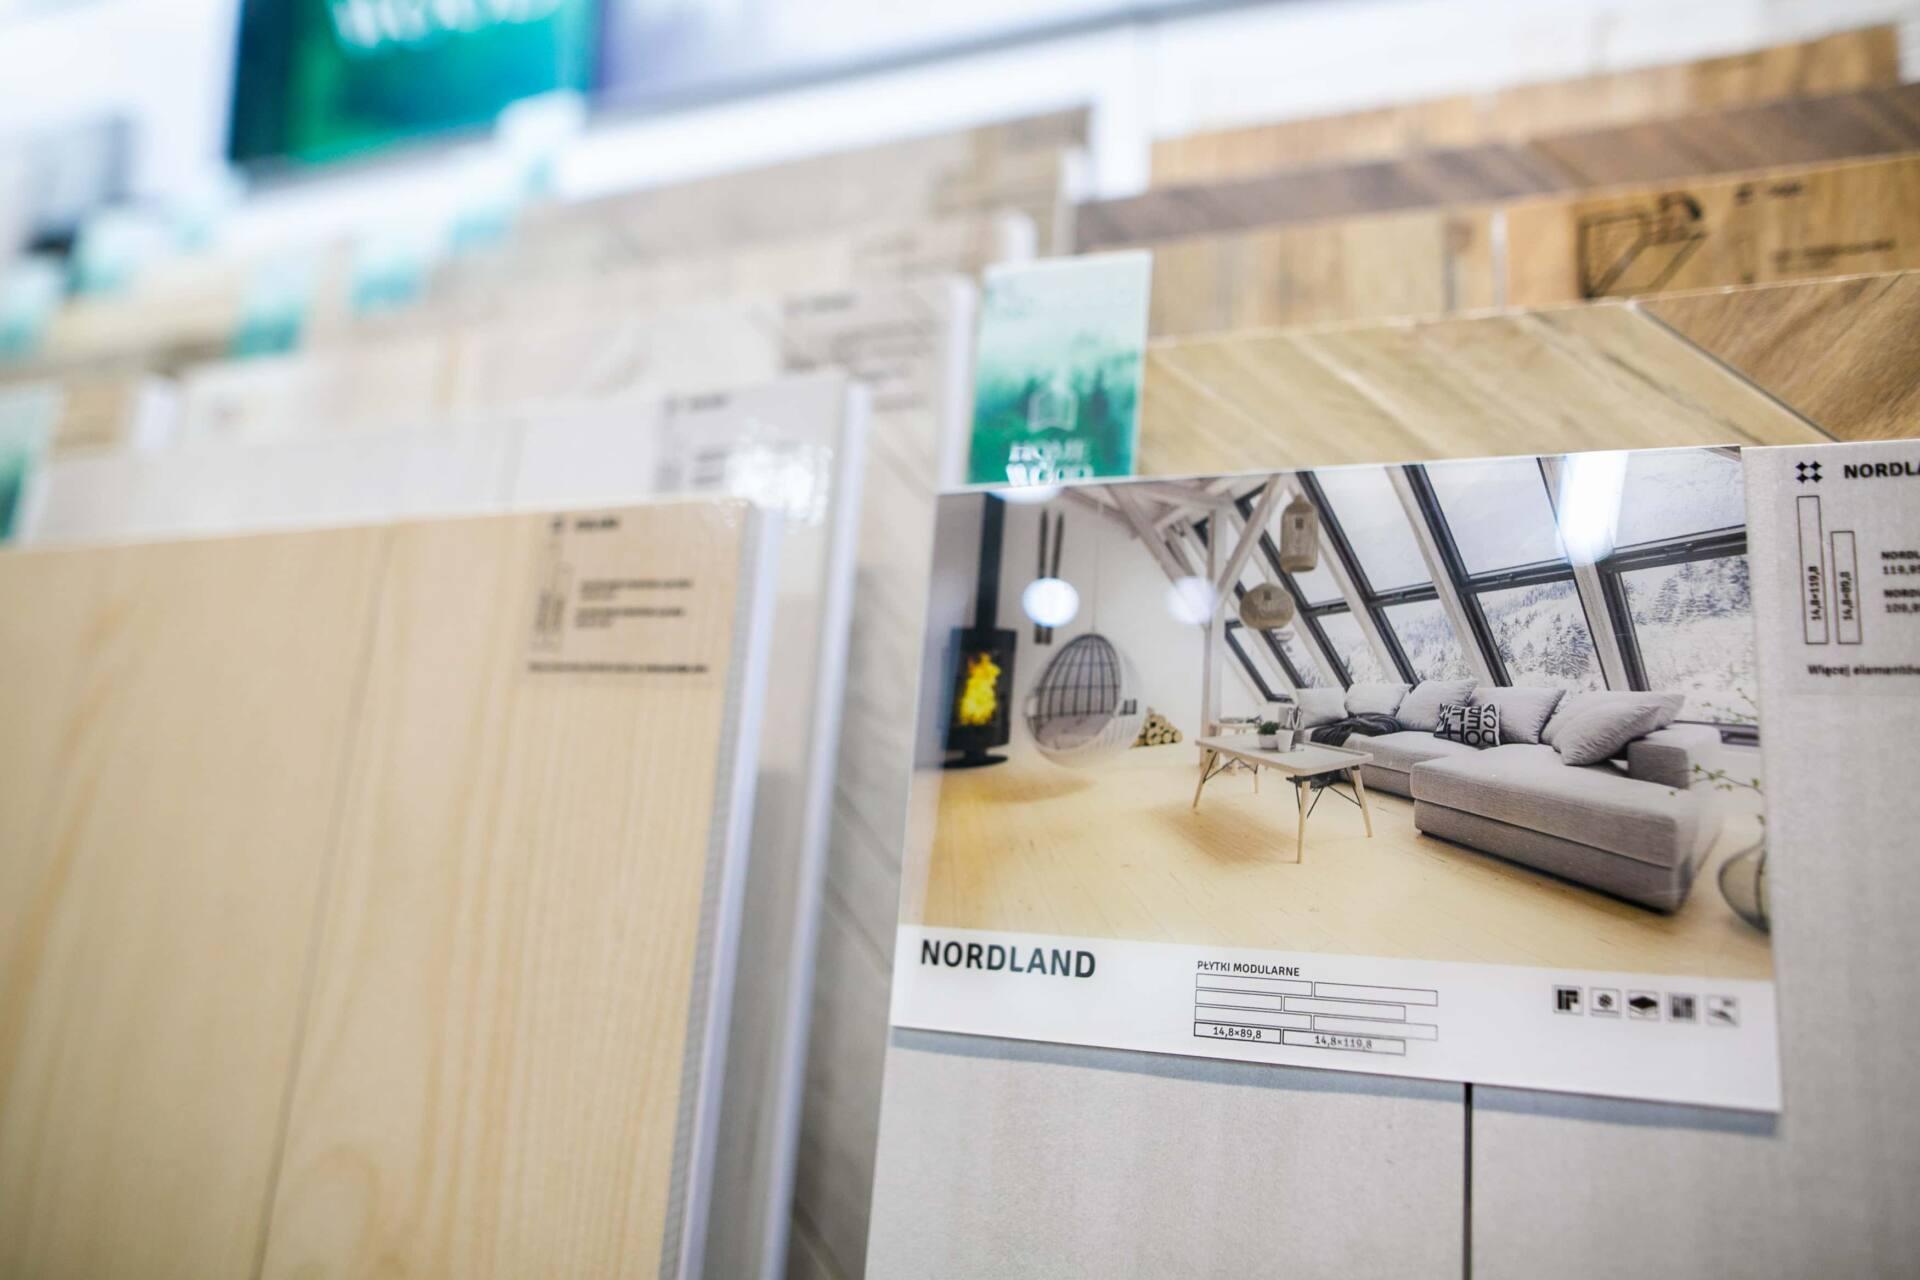 5db 5599 Salon BLU: na ponad 500 m2., 36 łazienkowych aranżacji i bogata ekspozycja wyposażenia (zdjęcia)